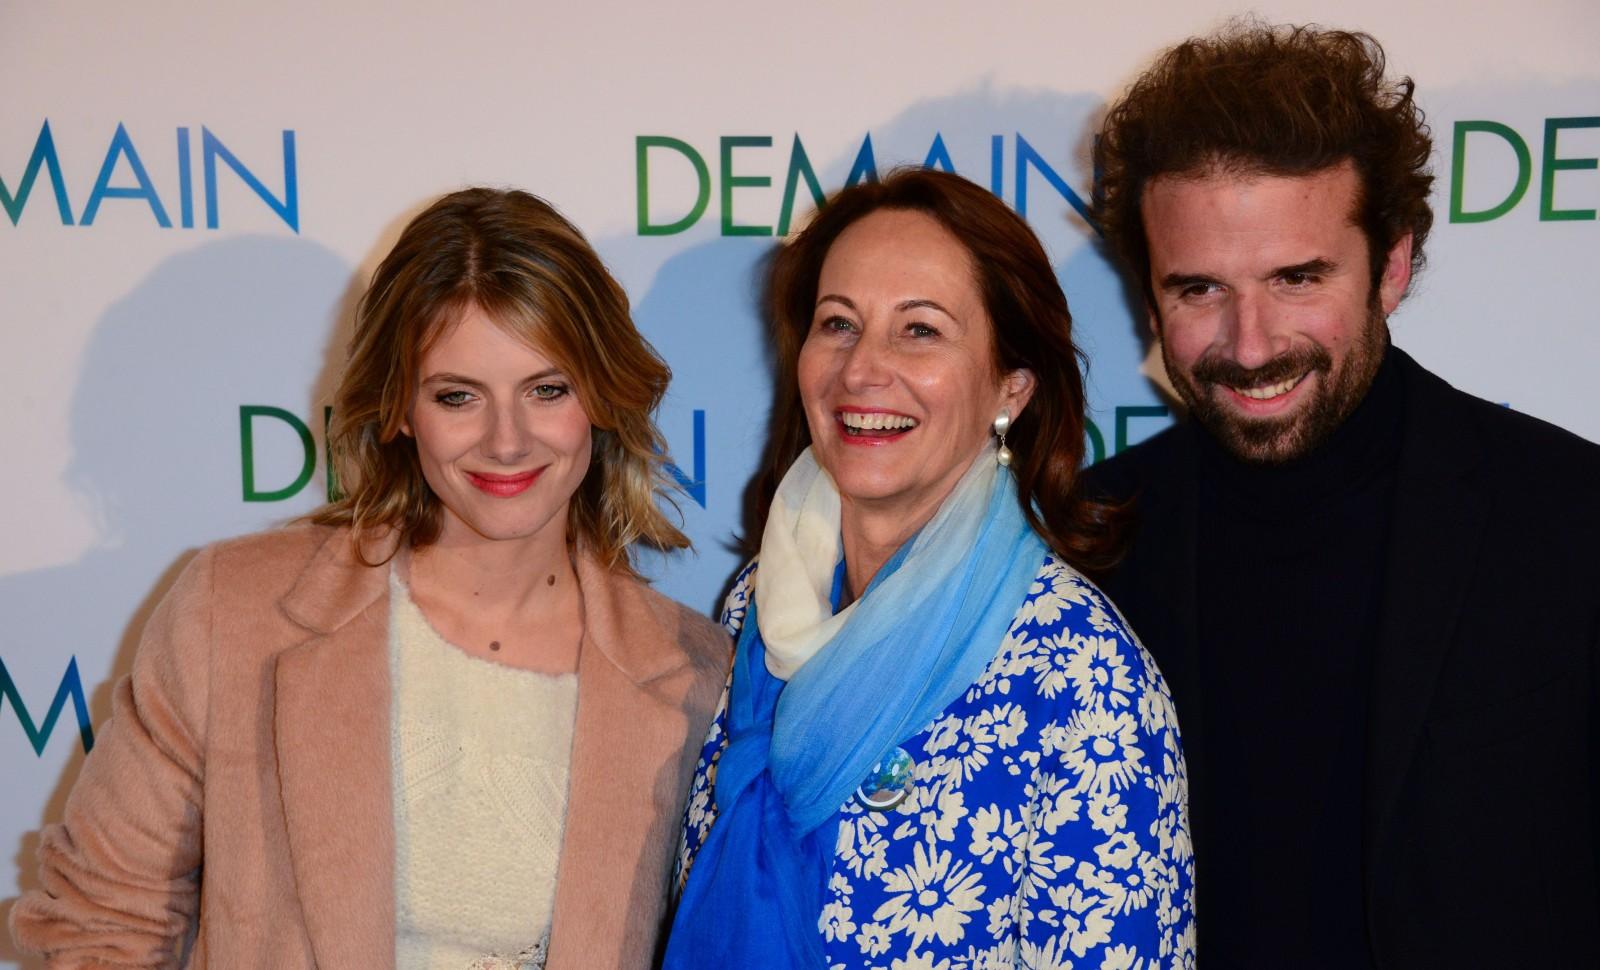 Mélanie Laurent, Ségolène Royal et Cyril Dion © LAURENT BENHAMOU/SIPA Numéro de reportage: 00732975_000052